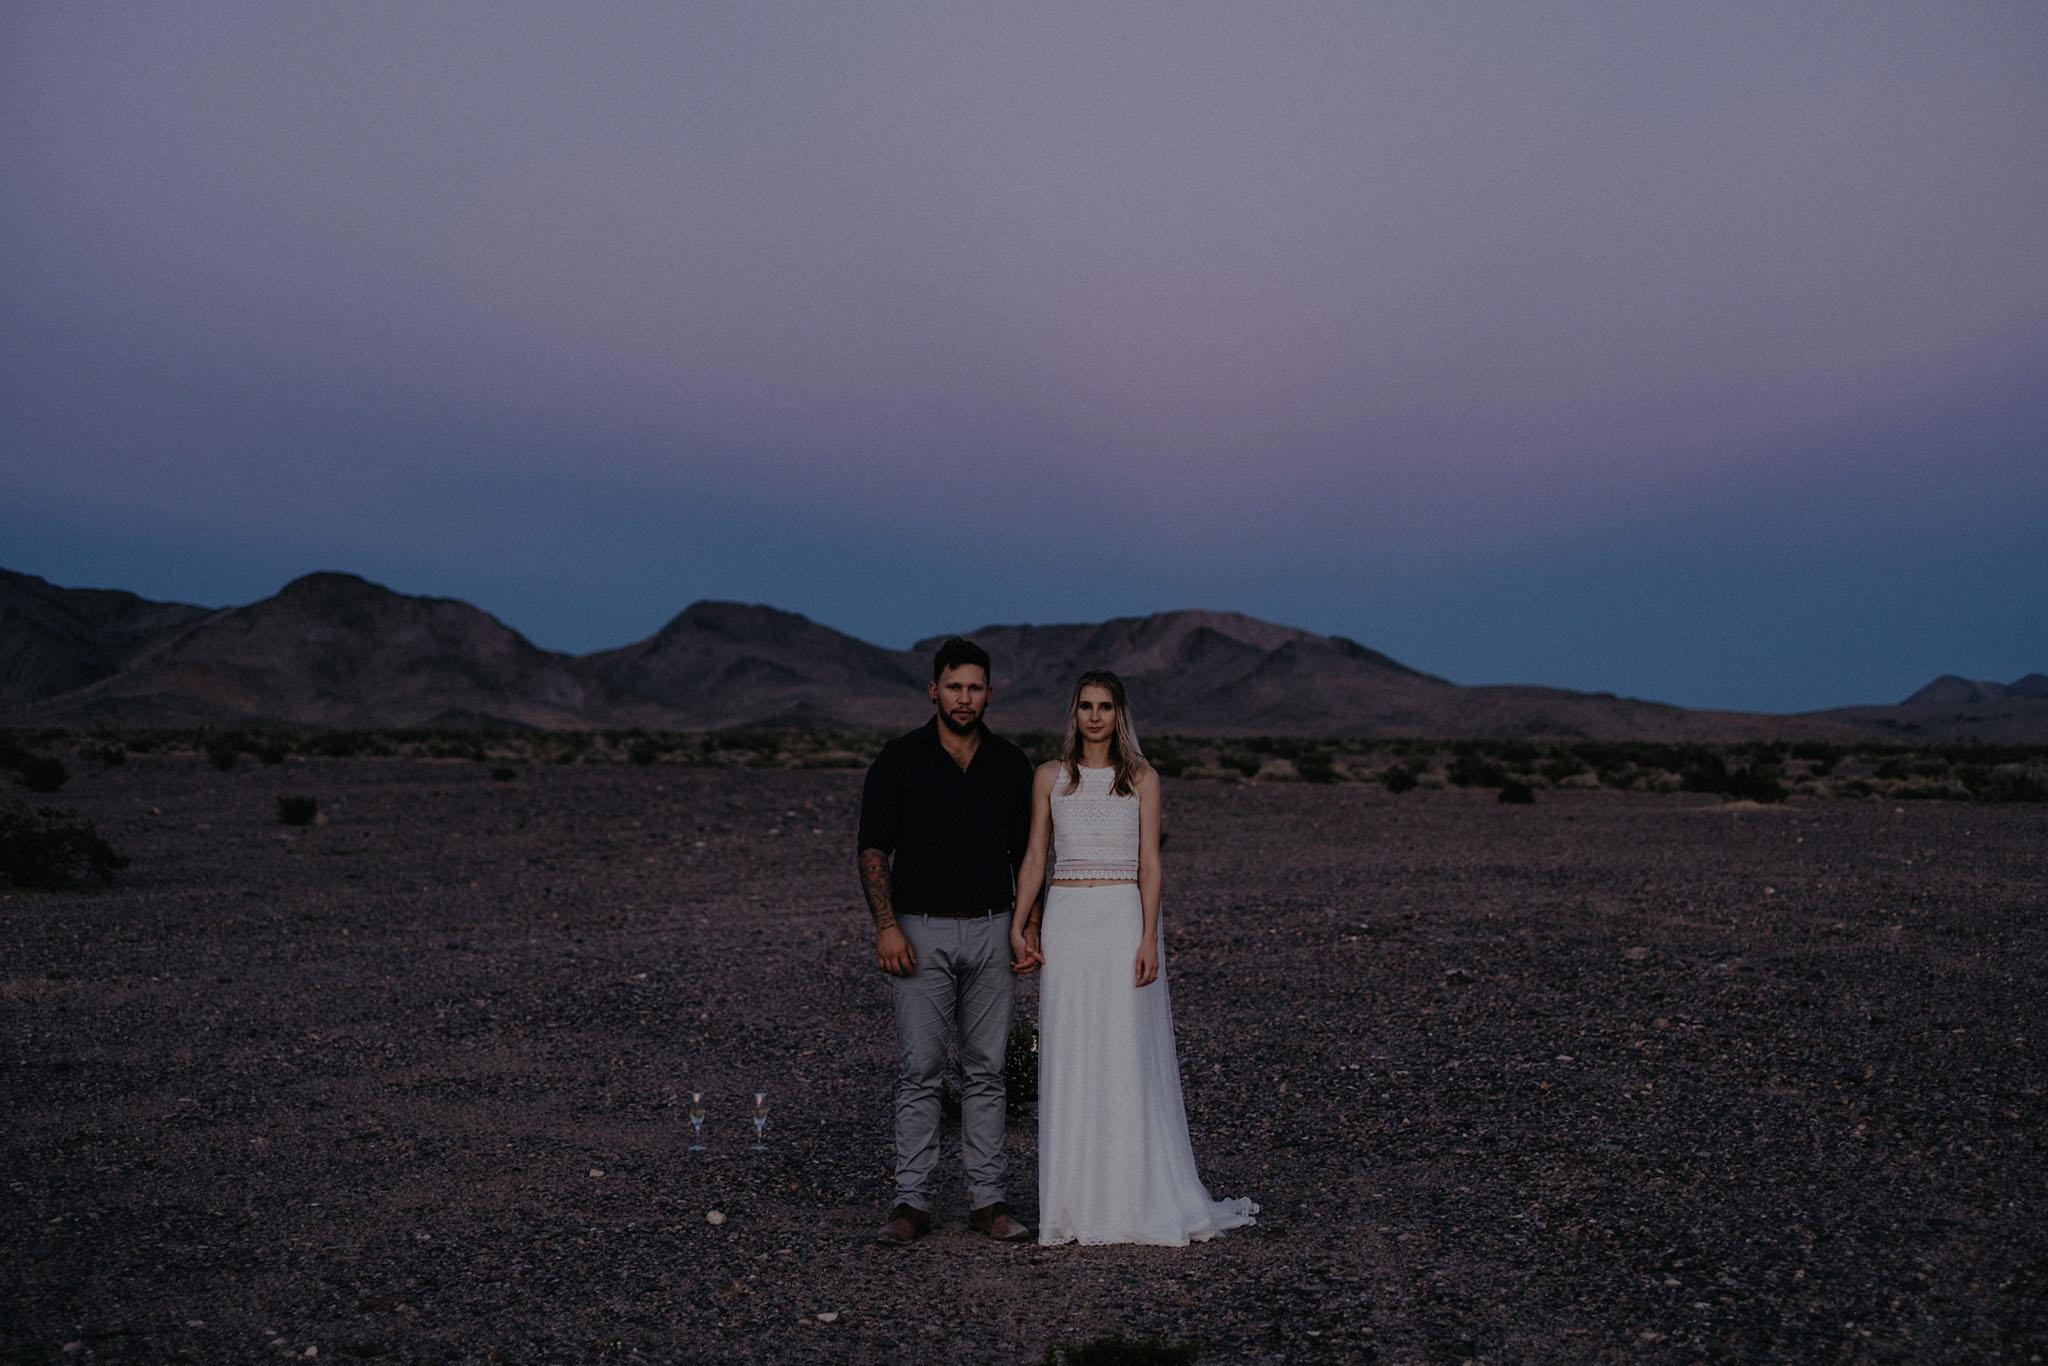 death valley adventure elopement wedding photographer national park couple sunset portrait